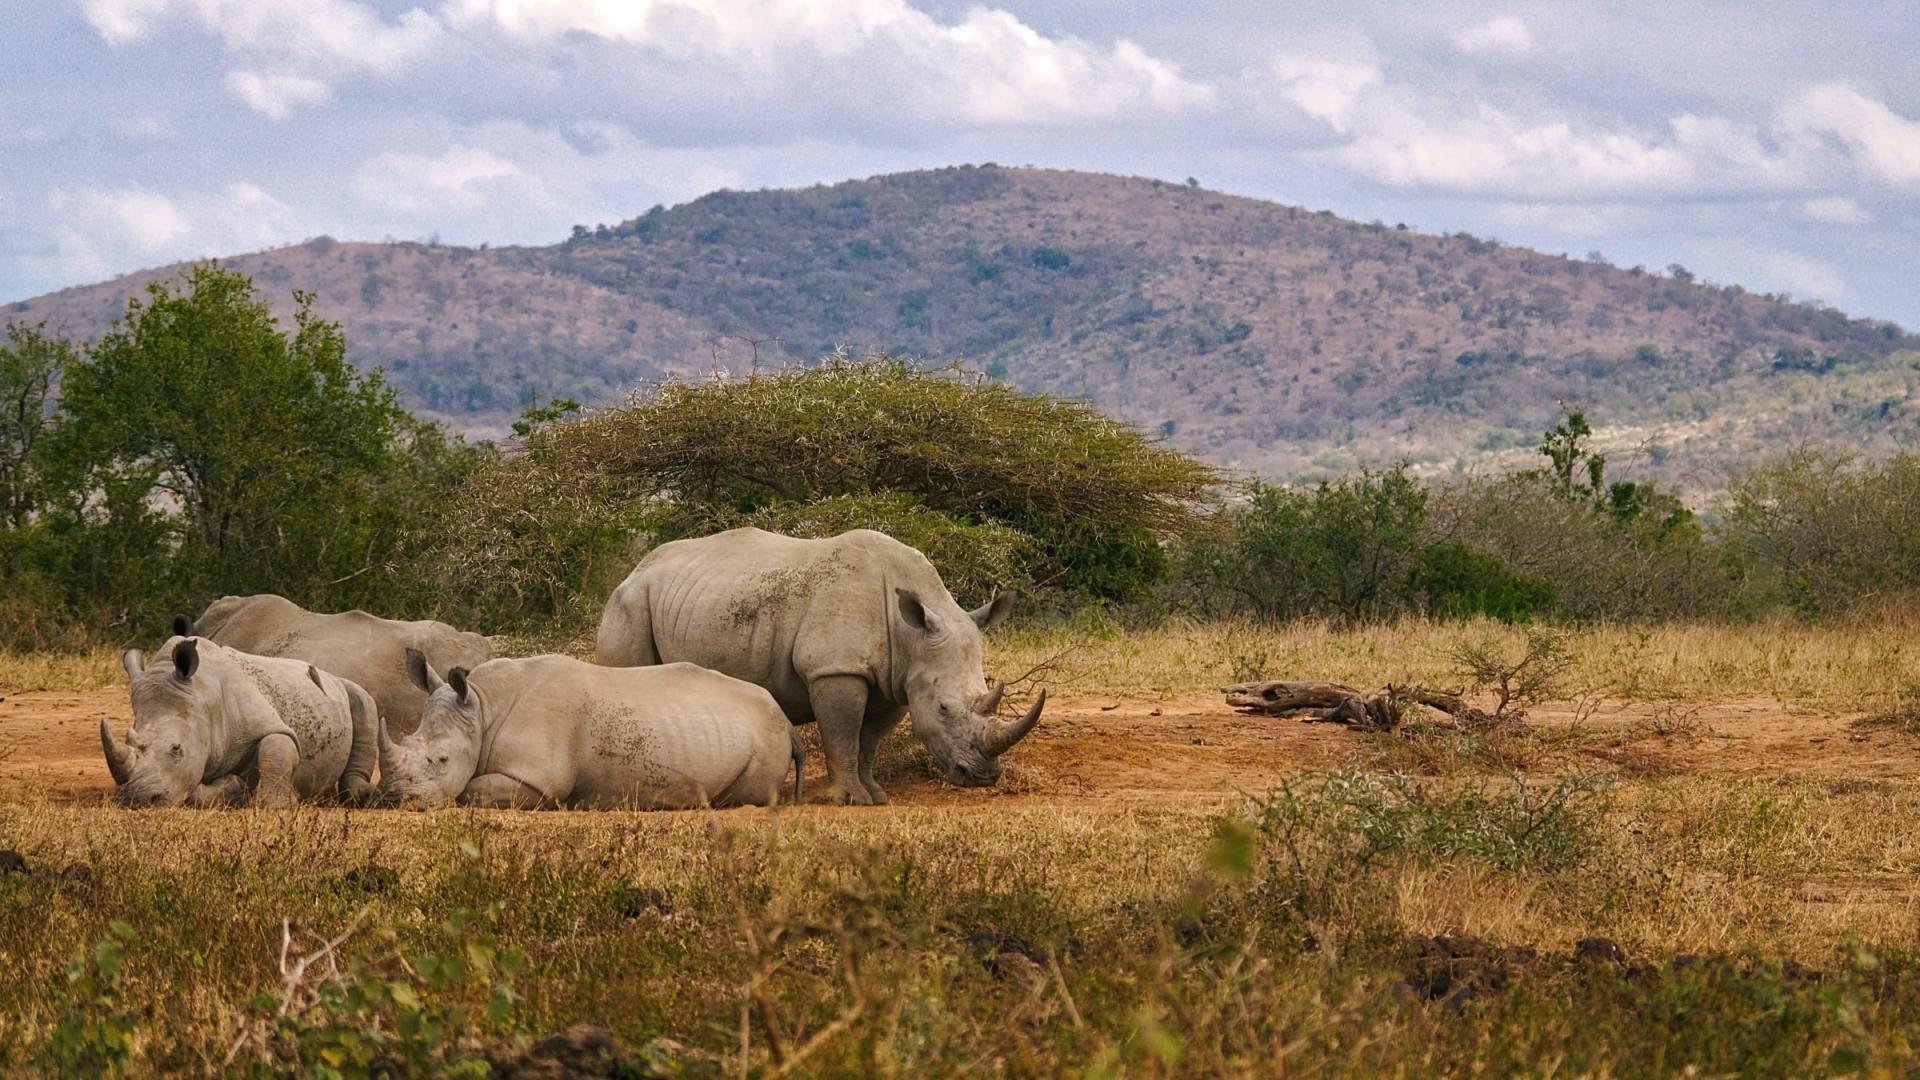 neushoorn-in-de-afrikaanse-bush-safari-zuid-afrika.jpg